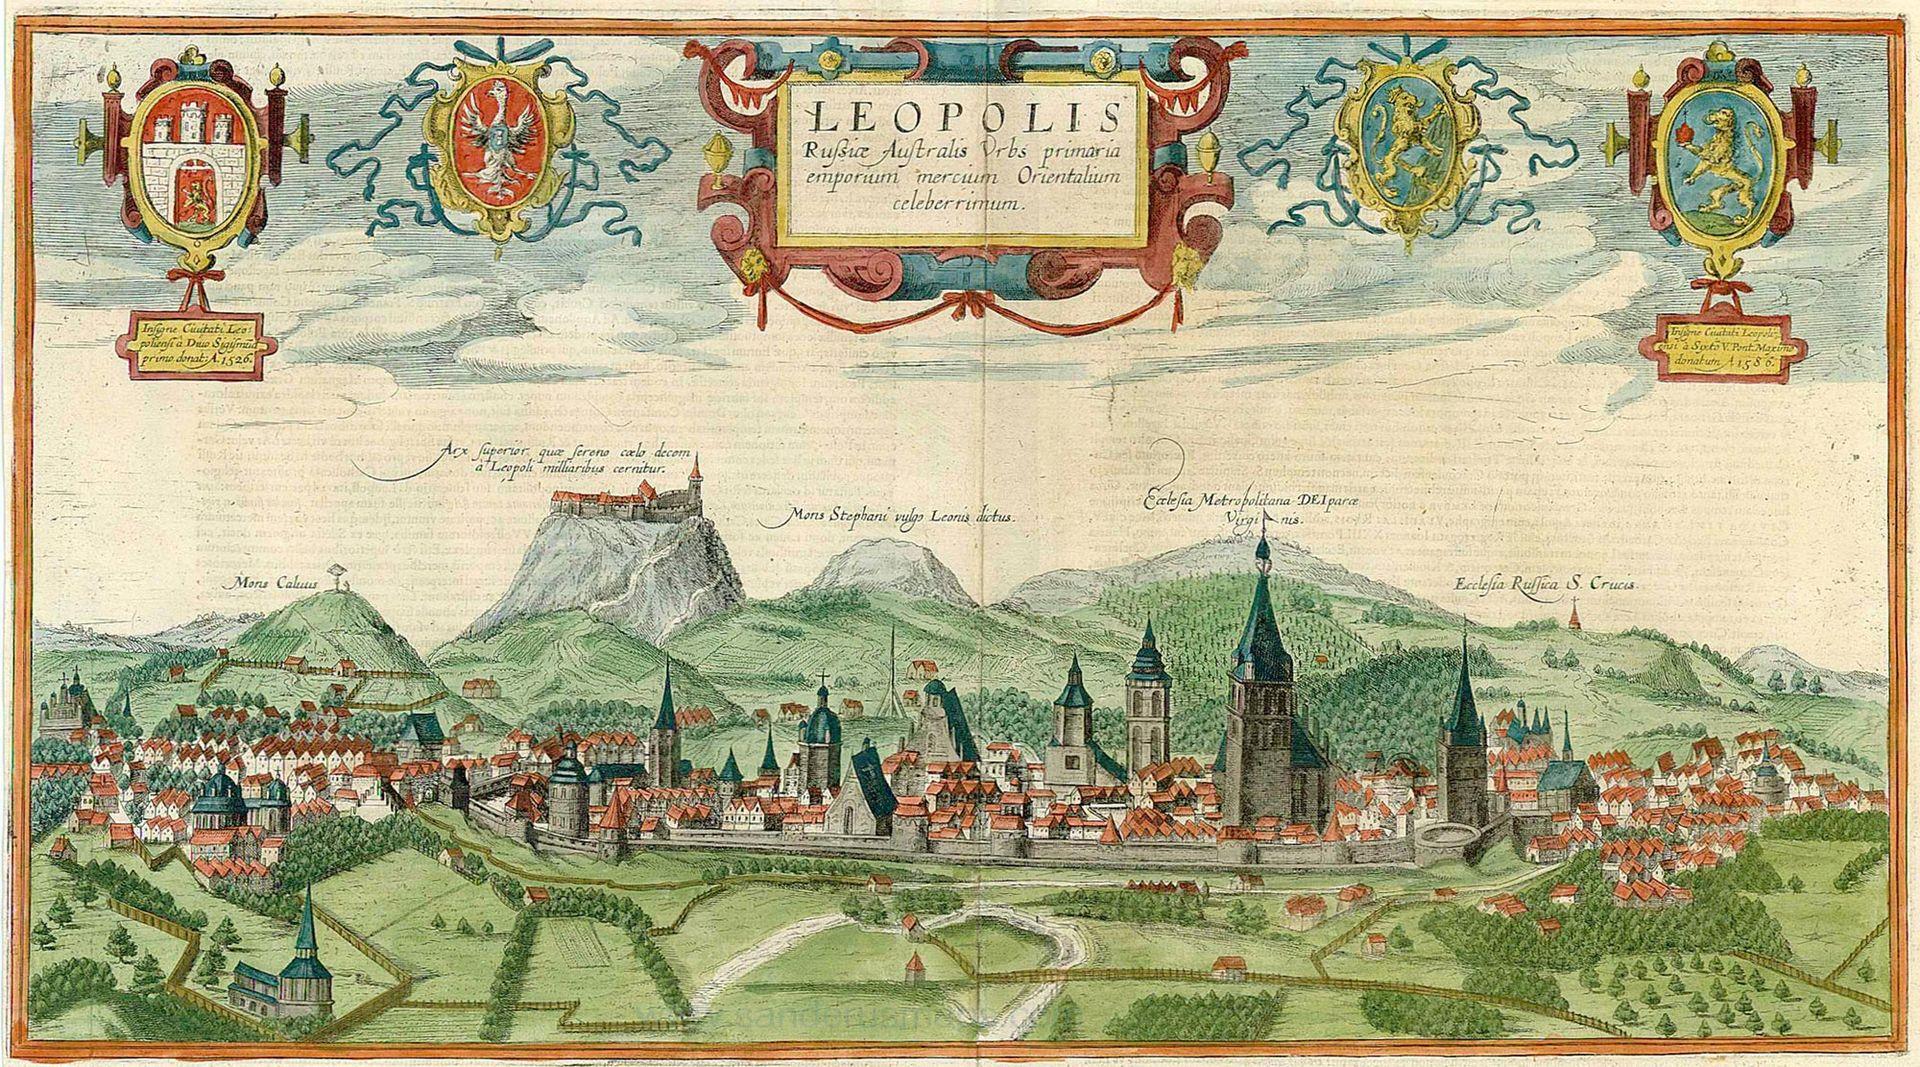 Стара мапа Львова